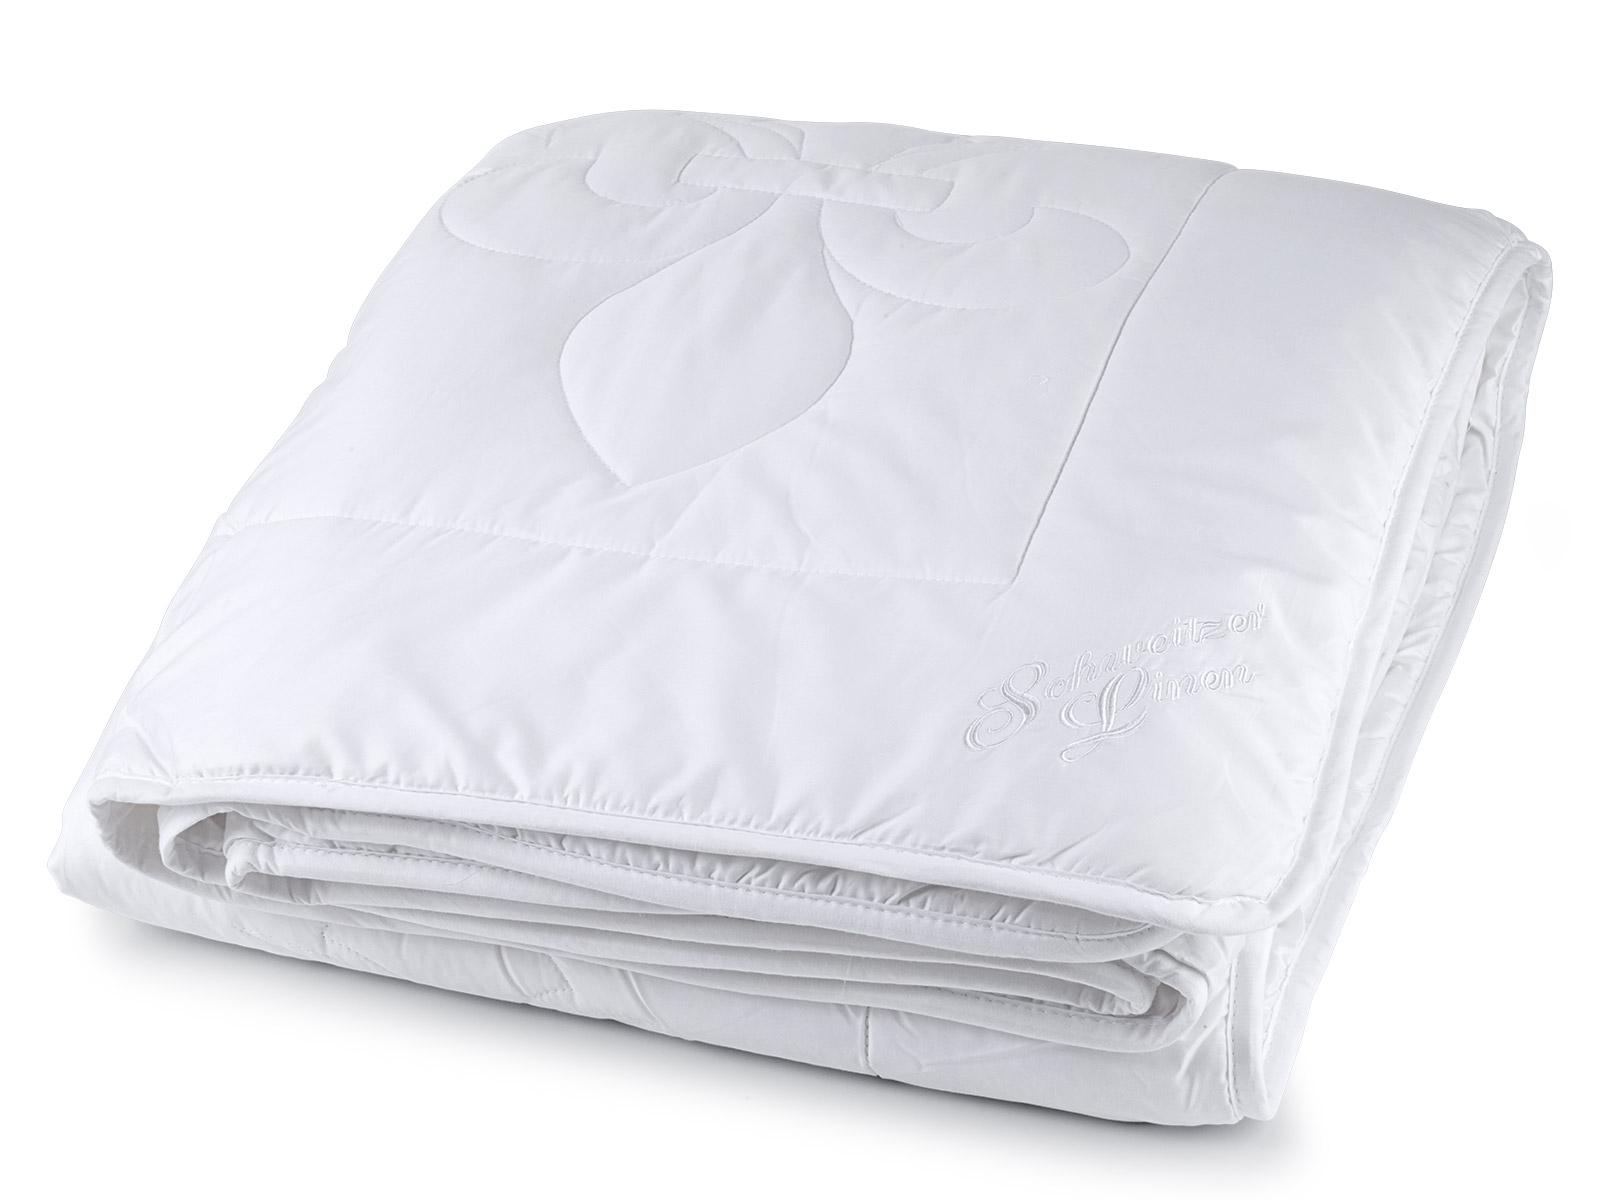 Comforter_WashWool_1678.jpg